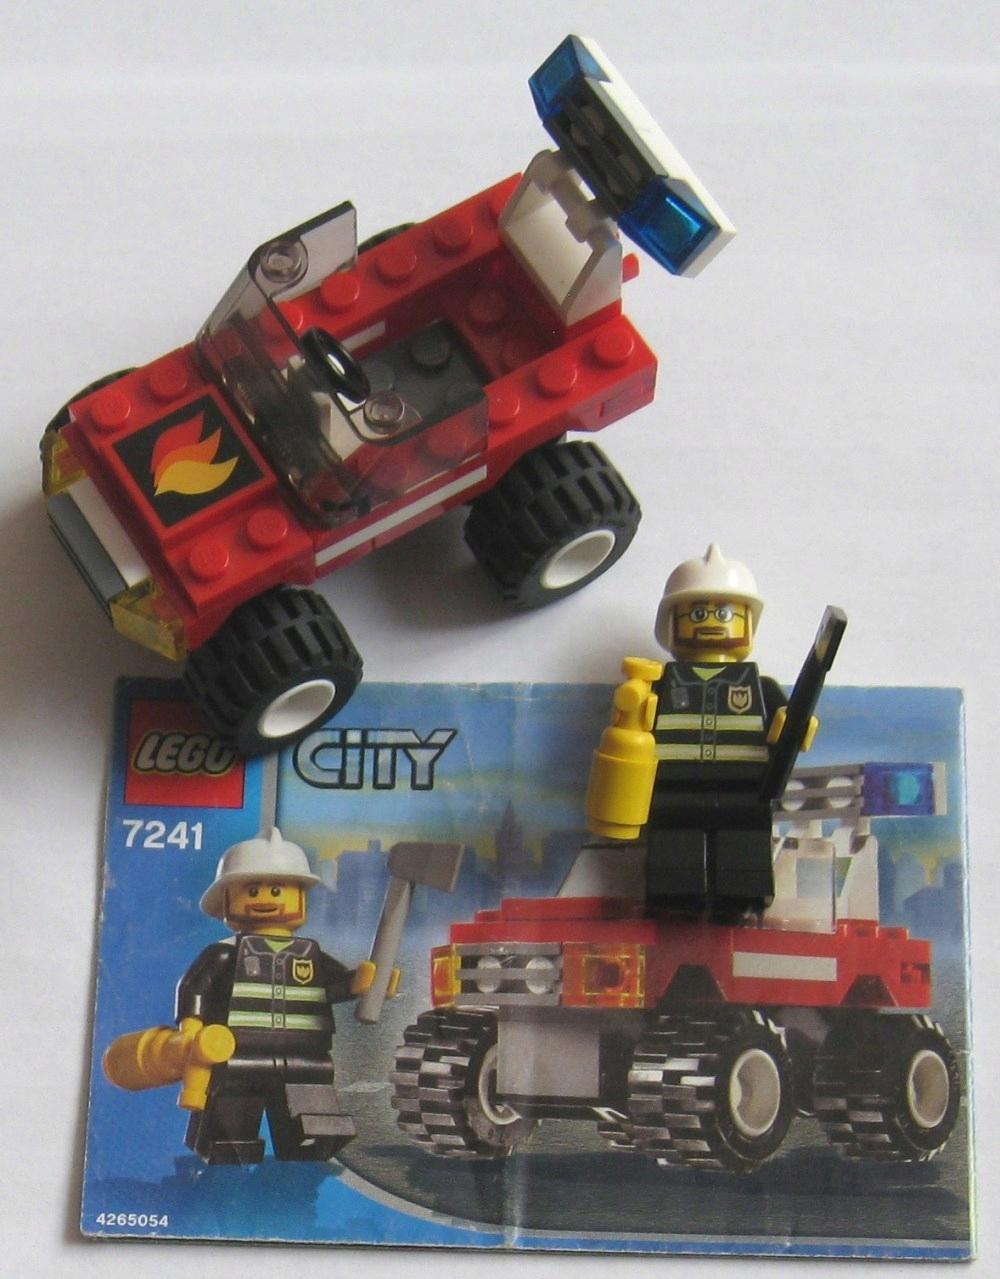 Lego City Wóz Straży Pożarnej 7241 Instrukcja 7572245712